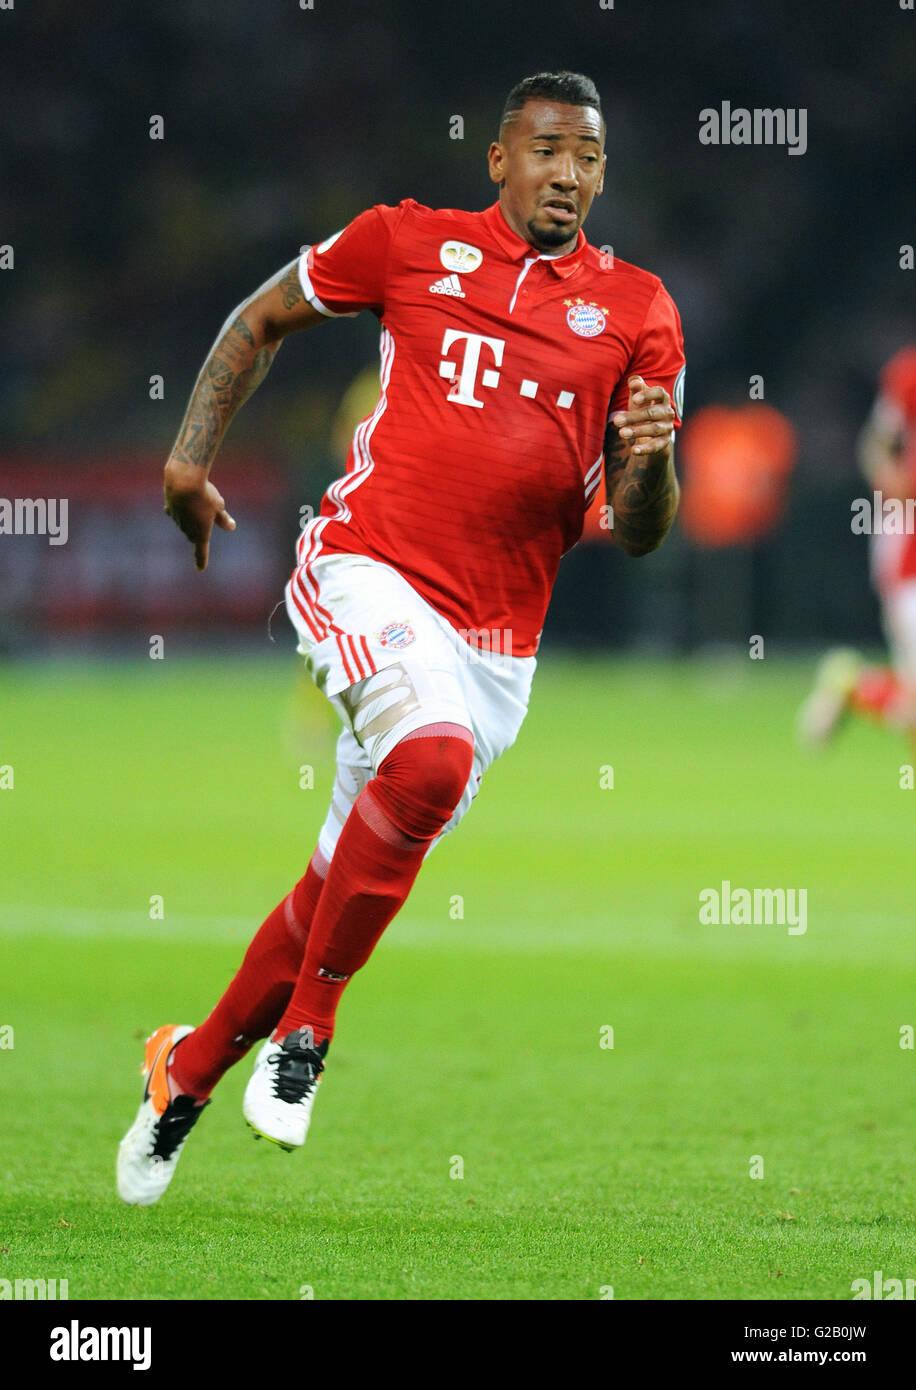 German Cup Final at Olympic Stadium Berlin, FC Bayern Munich vs Borussia Dortmund: Jerome Boateng of Munich. - Stock Image